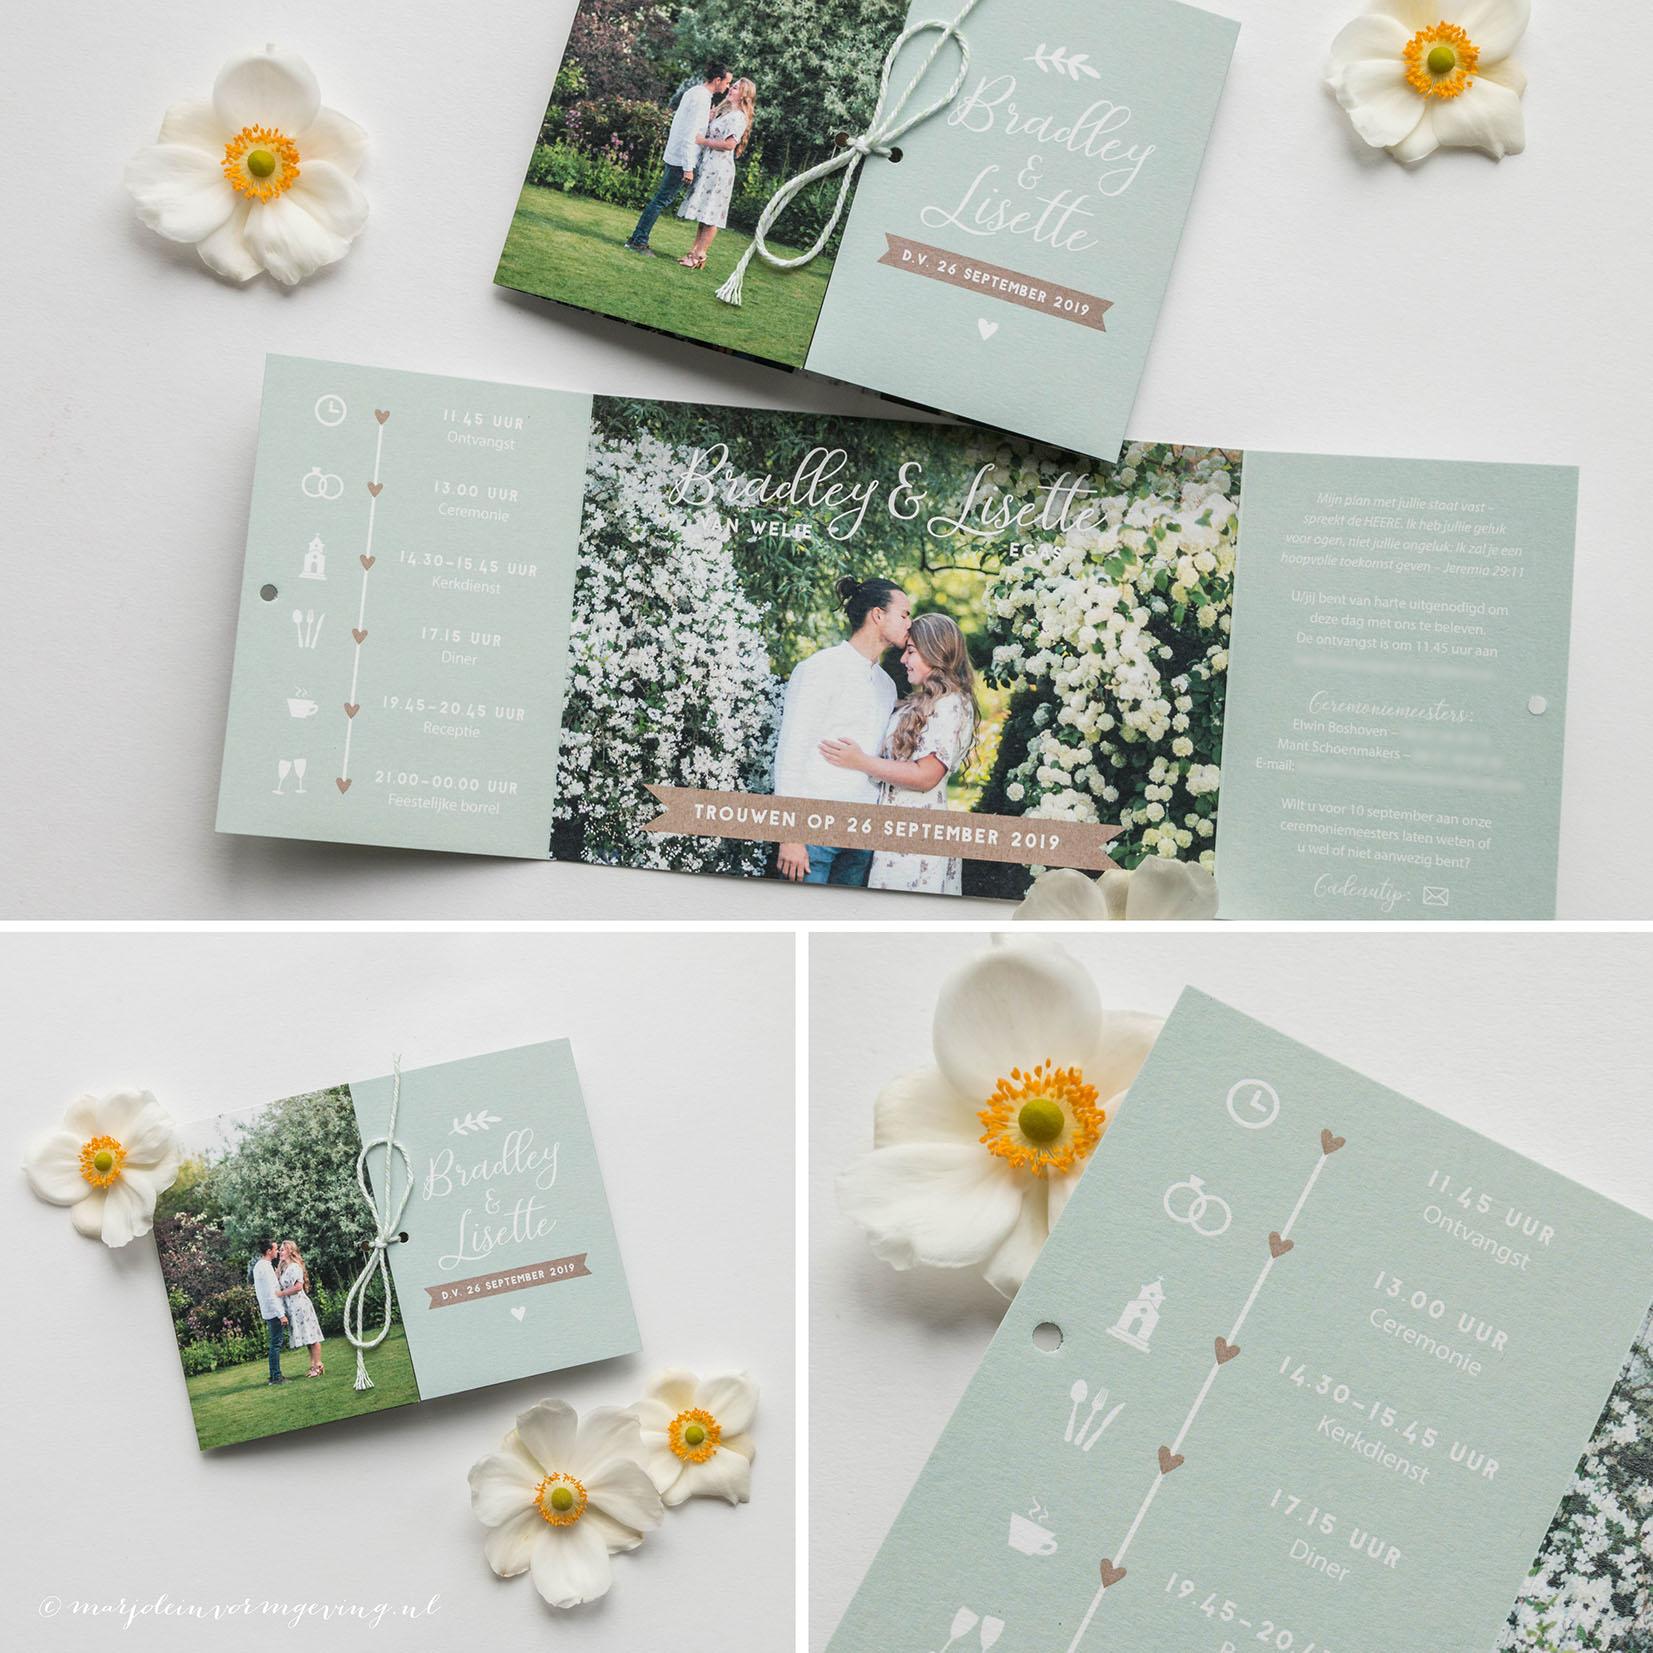 Trouwkaart op maat formaat luikvouw in kleur mintgroen met foto's